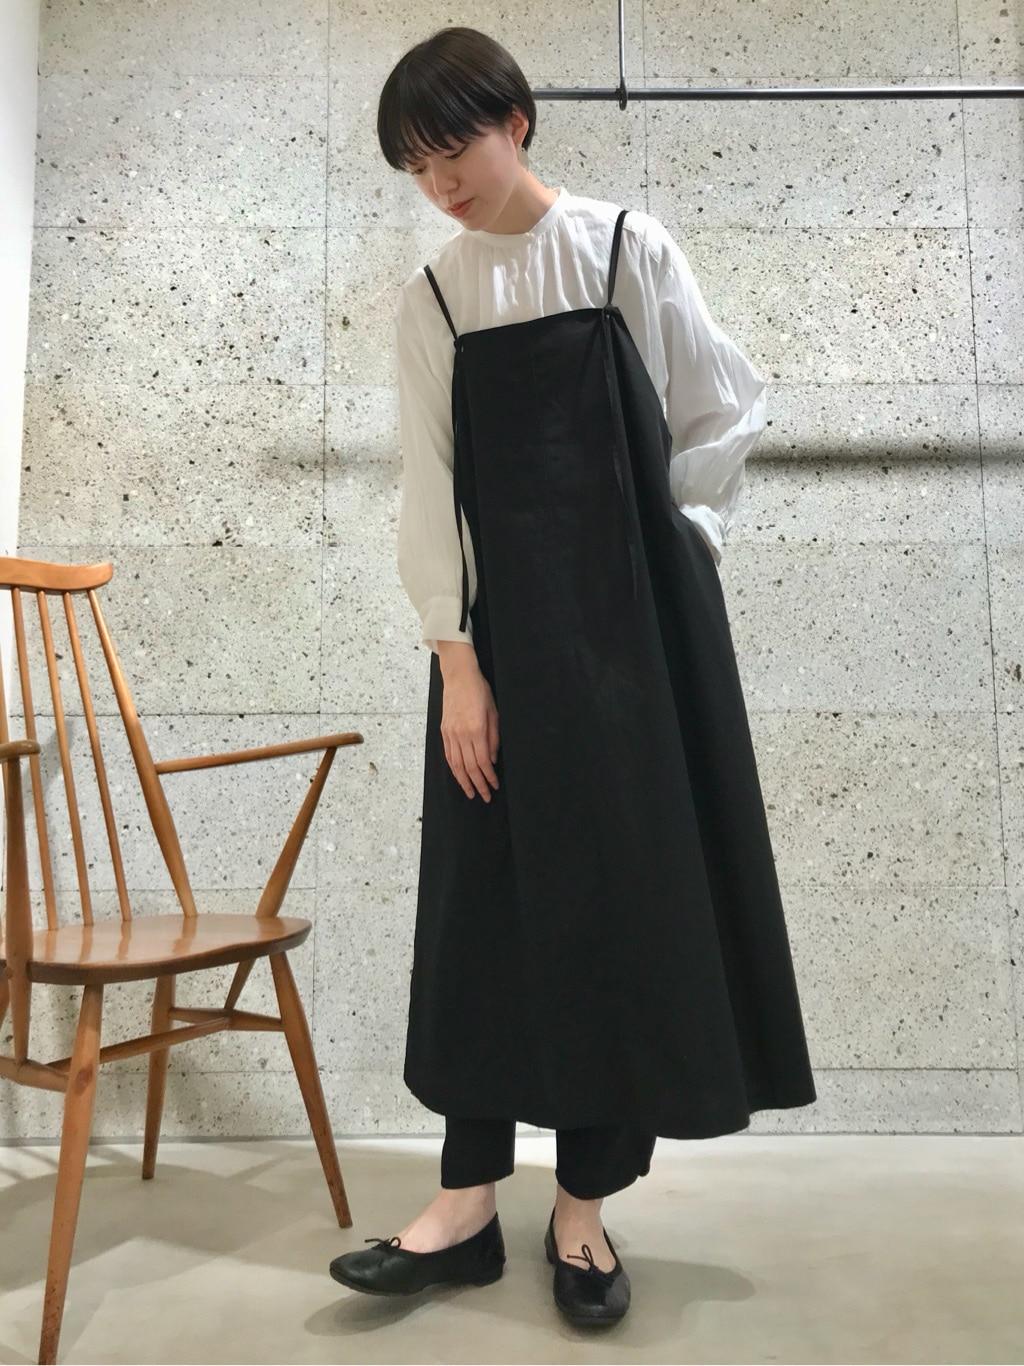 ニュウマン横浜 2021.02.26